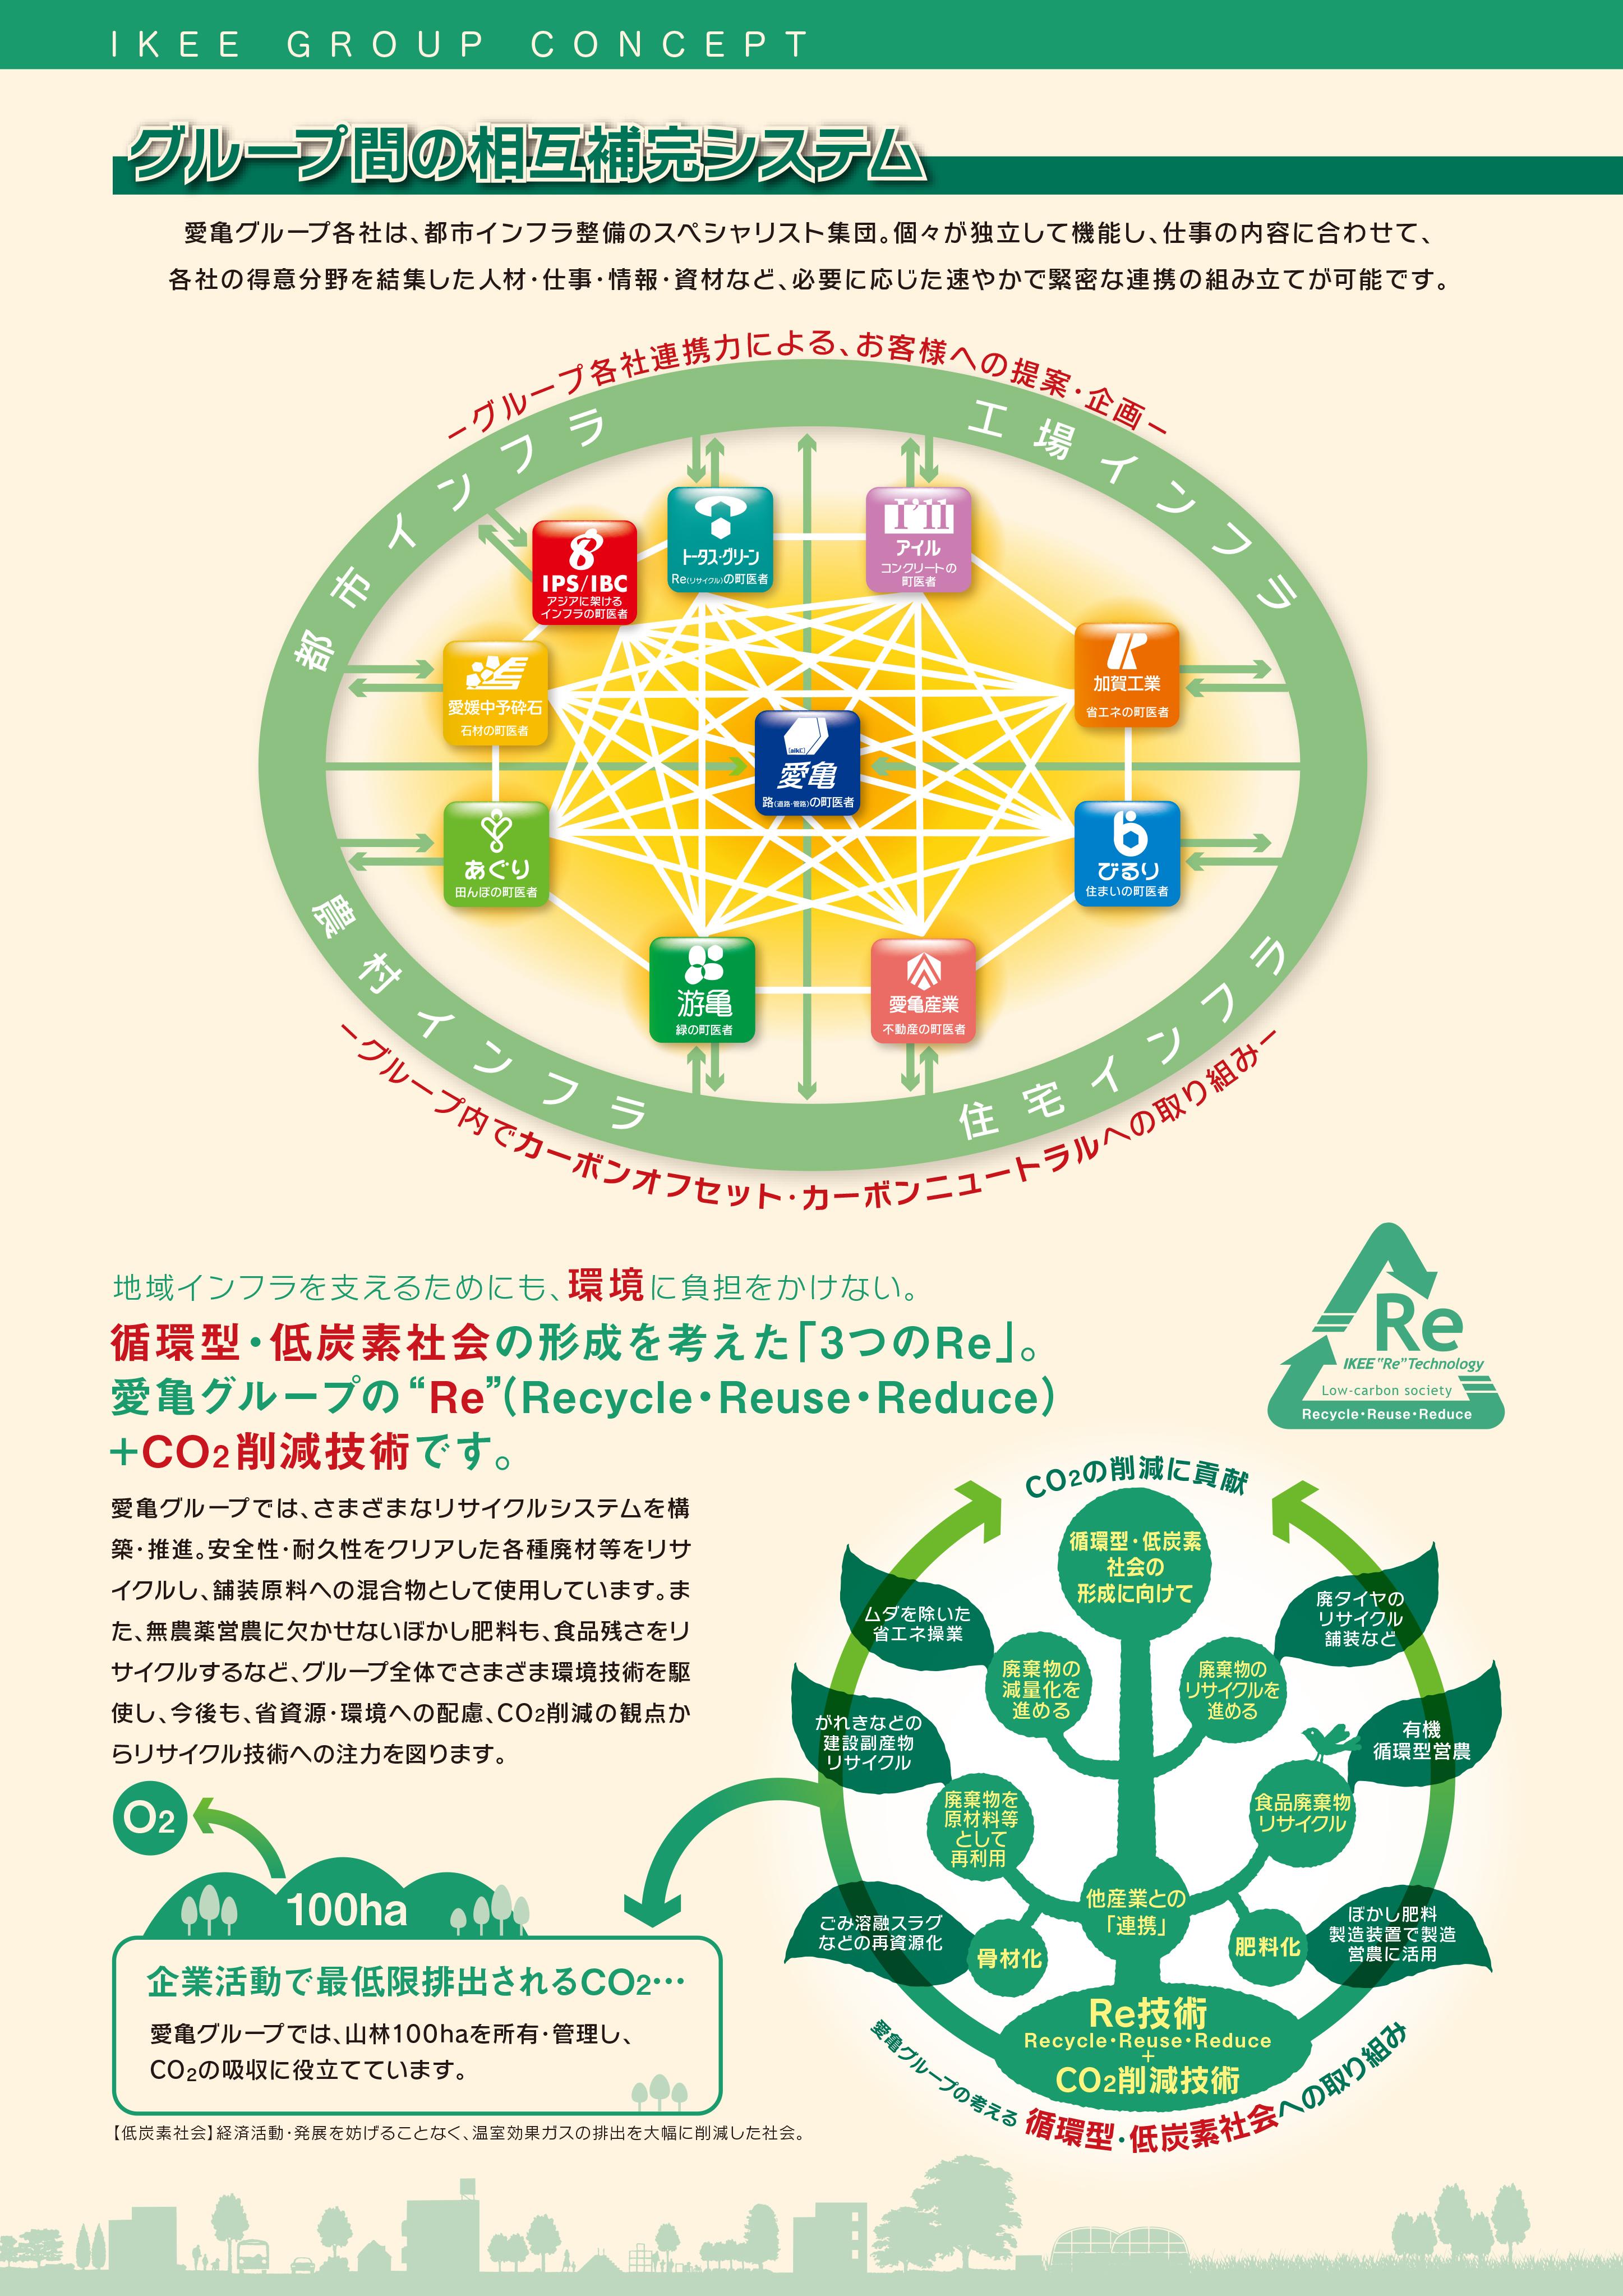 グループ間の相互補完システム